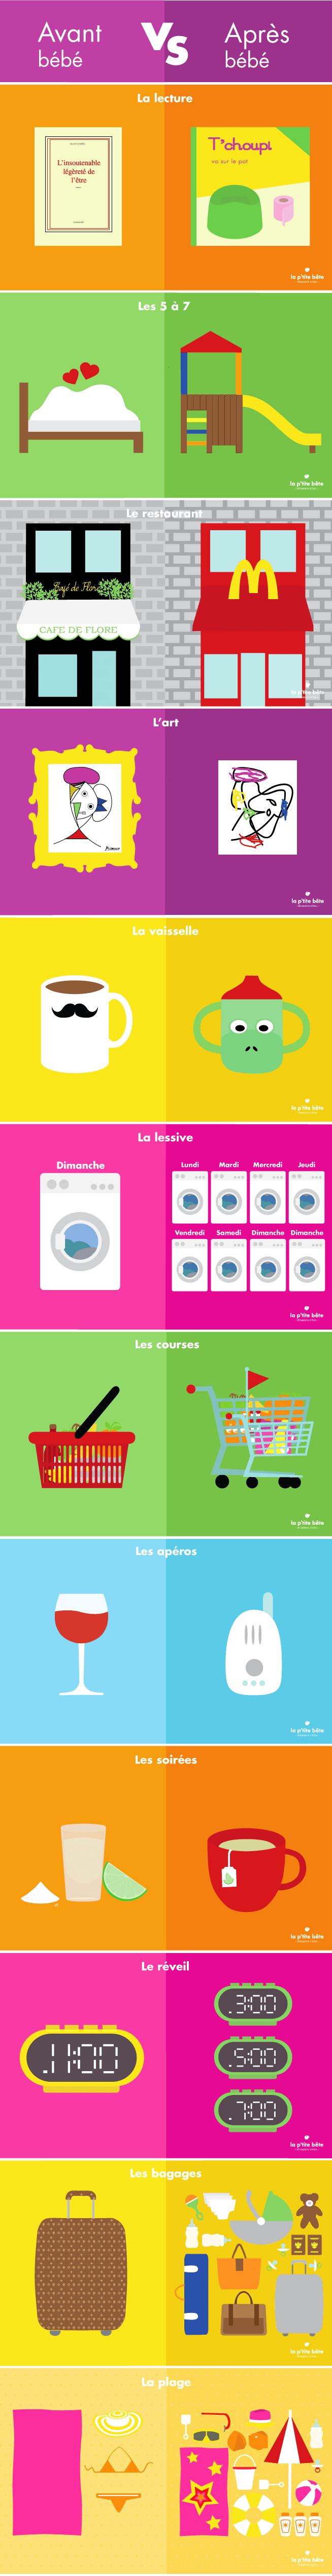 Infographie-avant-après bebe